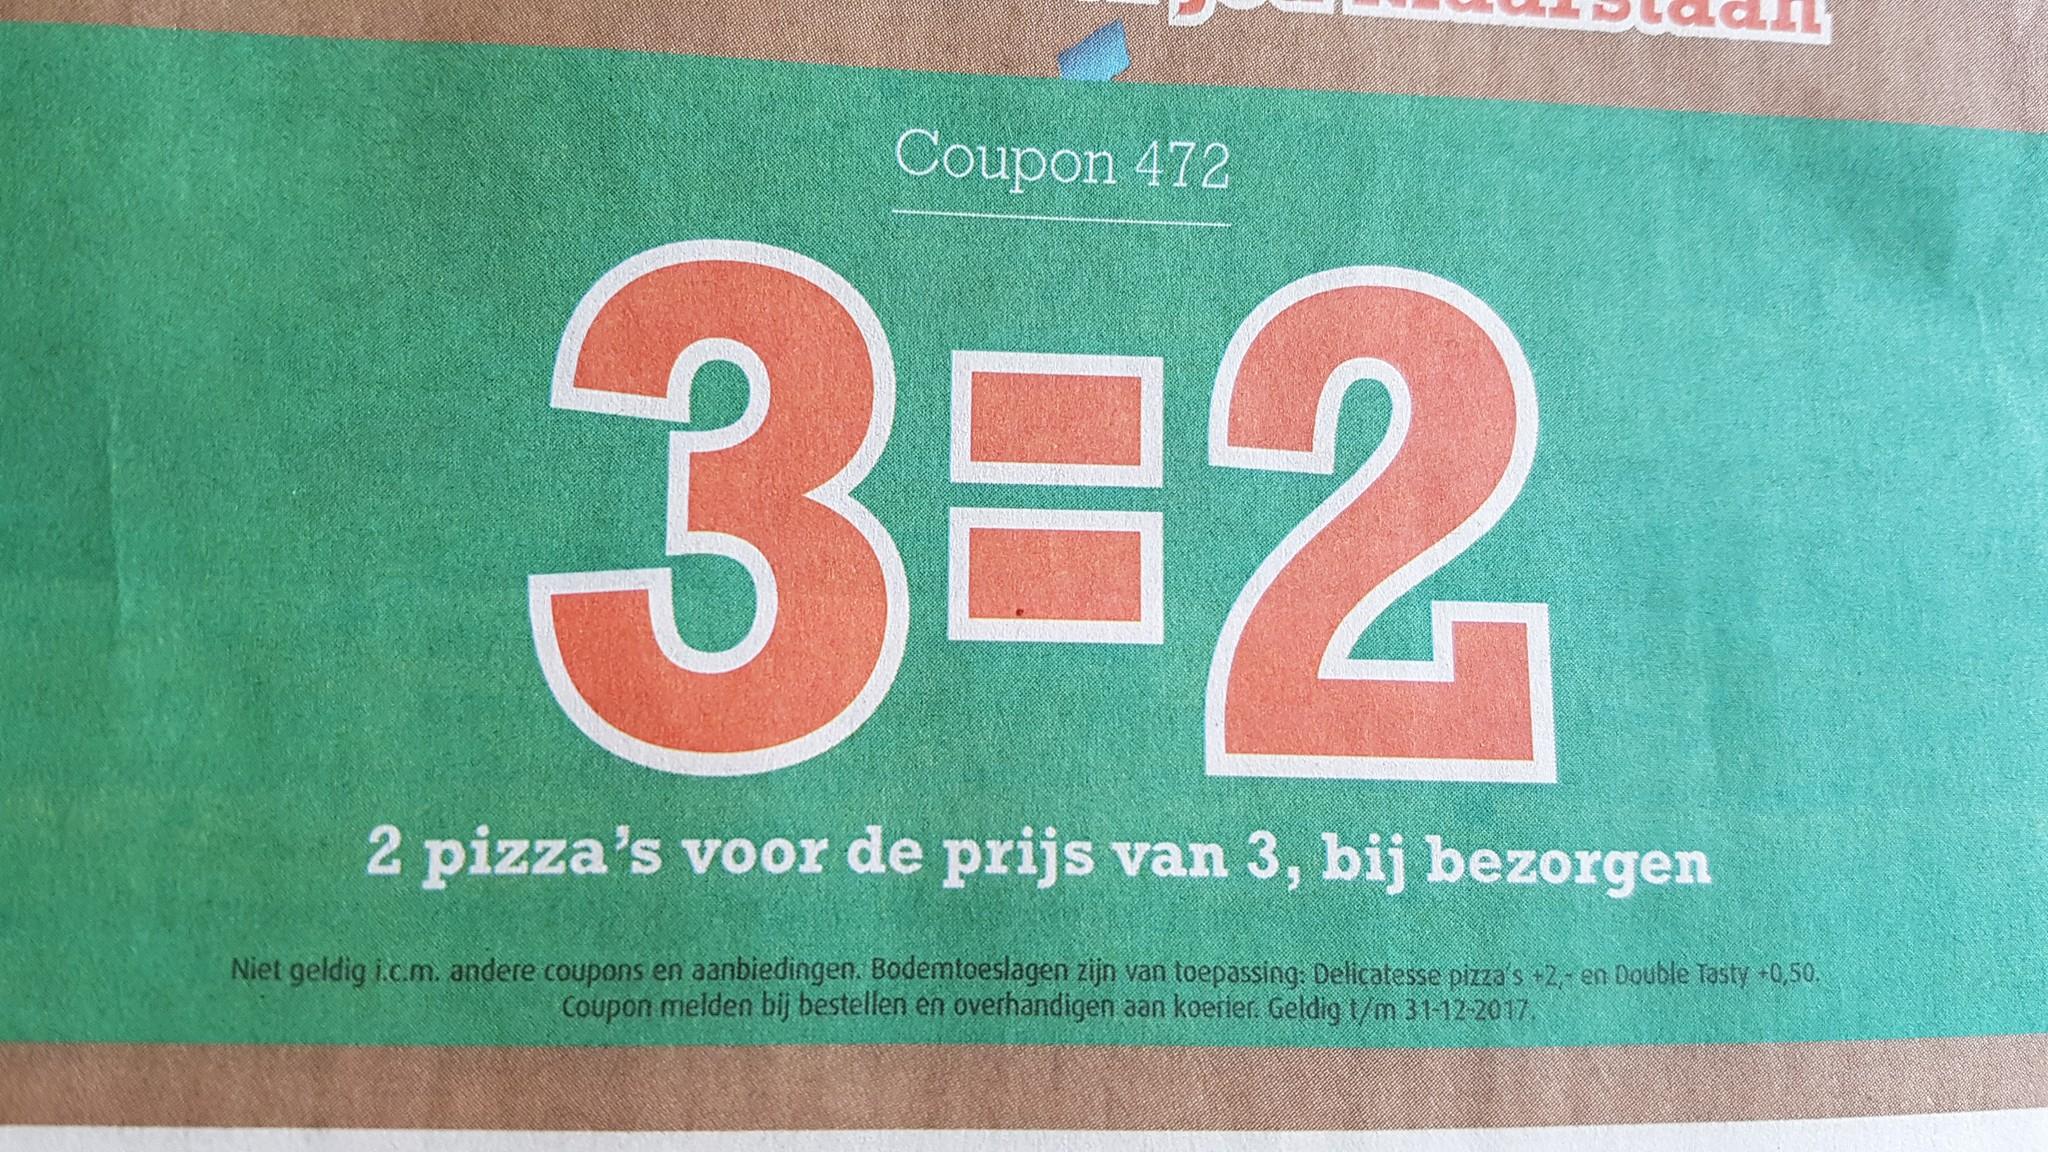 2 pizza's voor de prijs van 3, bij bezorgen --> code 472 (New York Pizza HUISSEN)